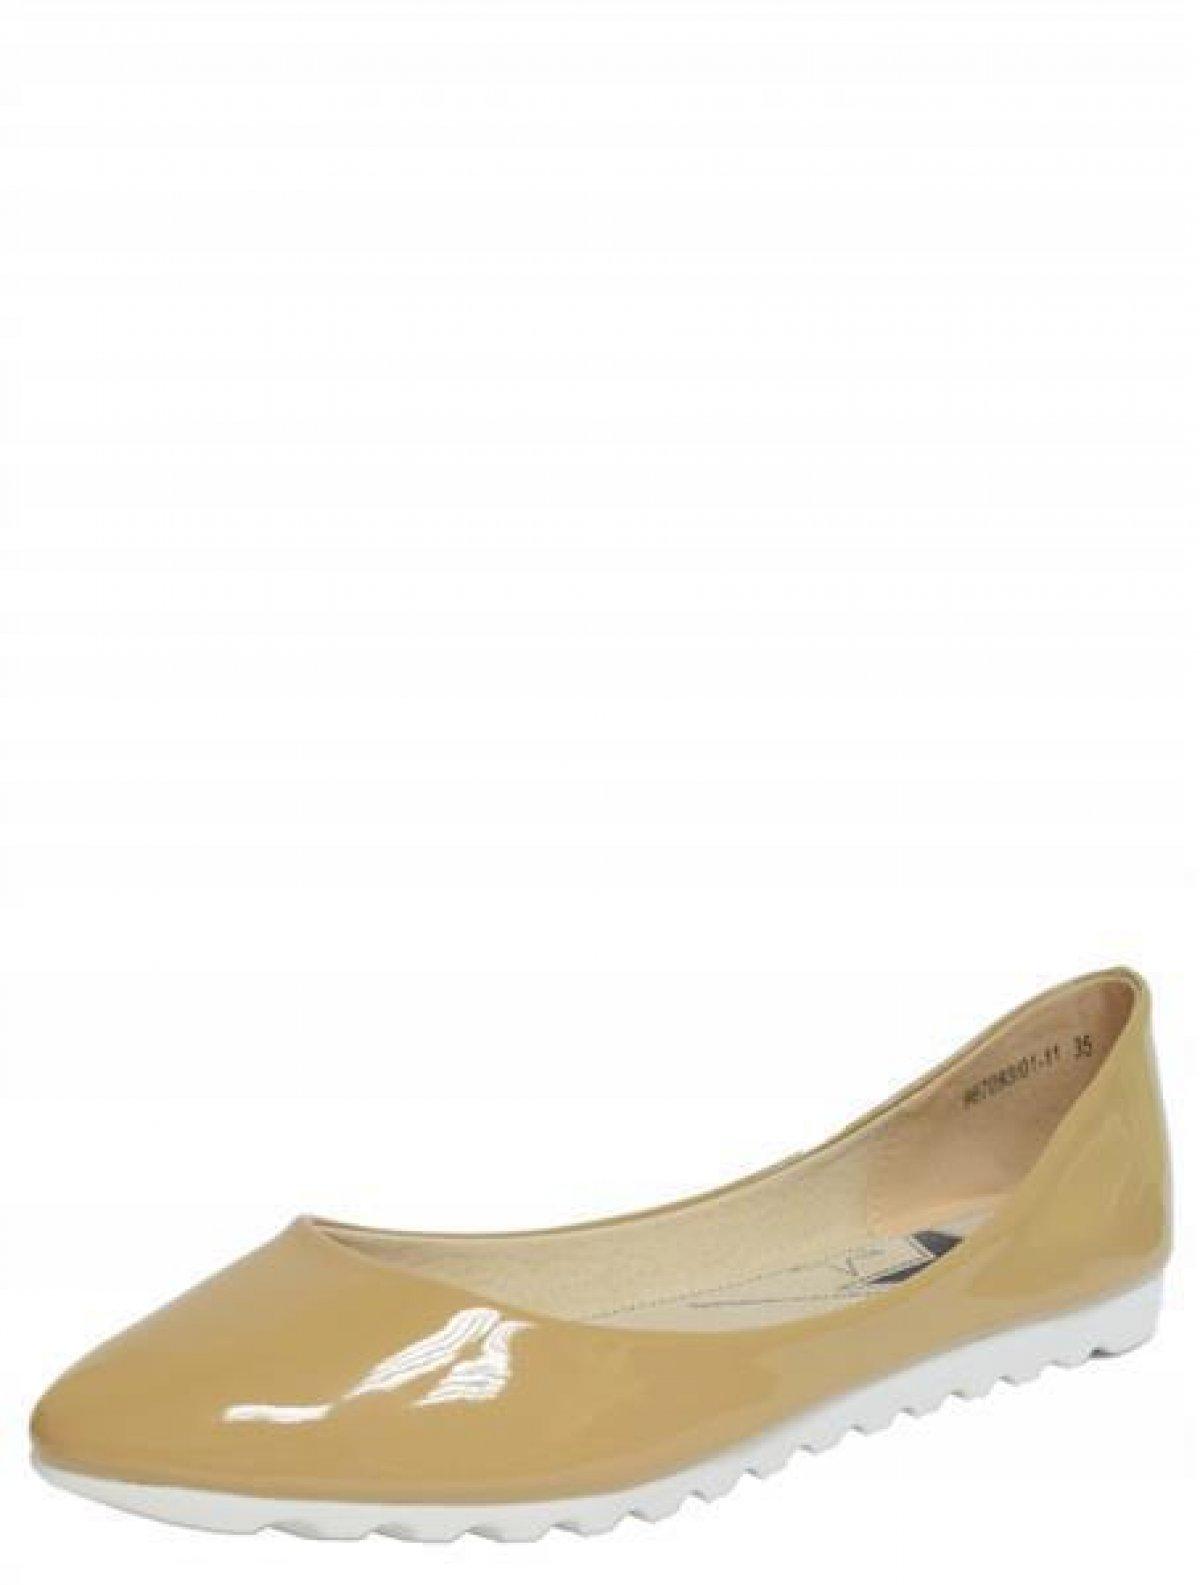 967093/01-11 женские балетки